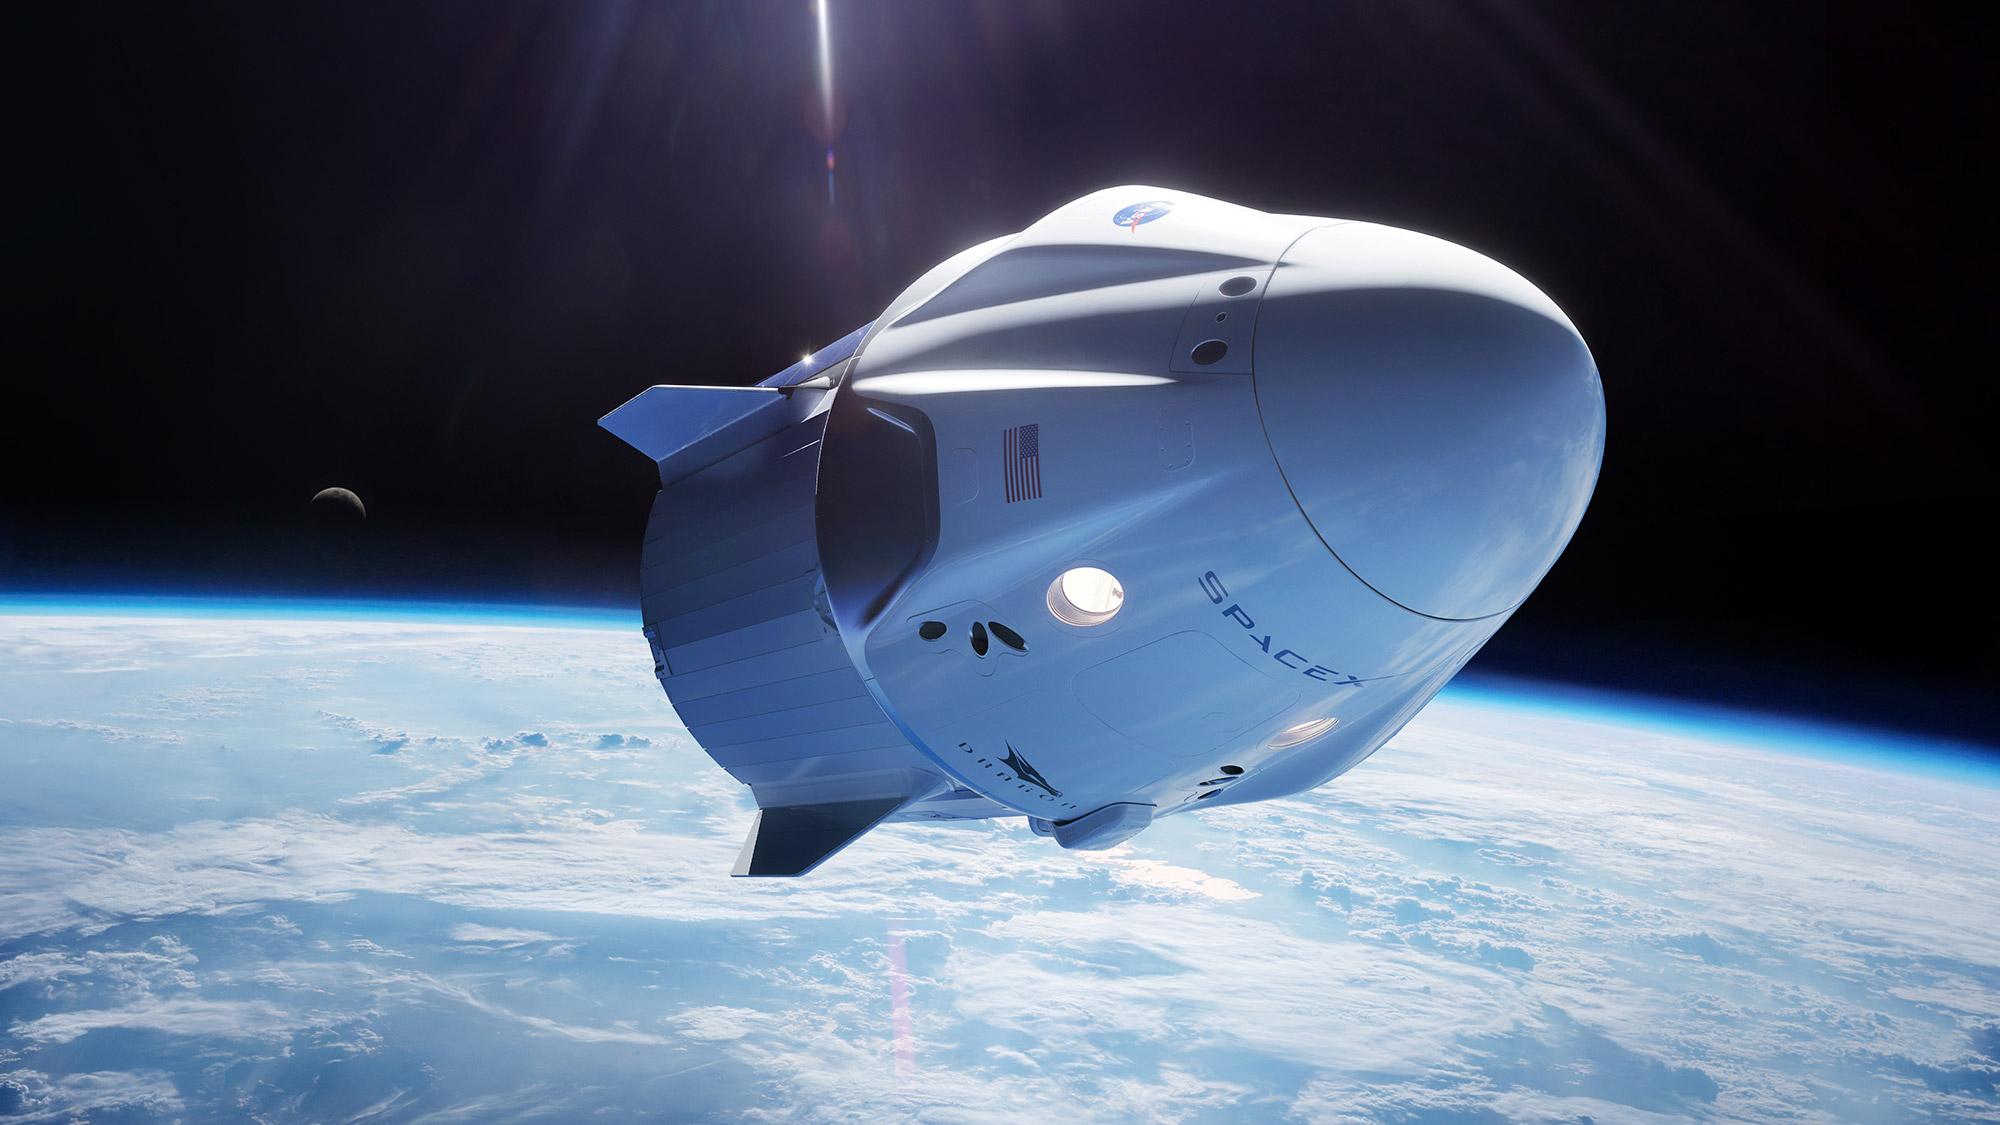 Dragon Docks ISS – SpaceX Zero G Indicator